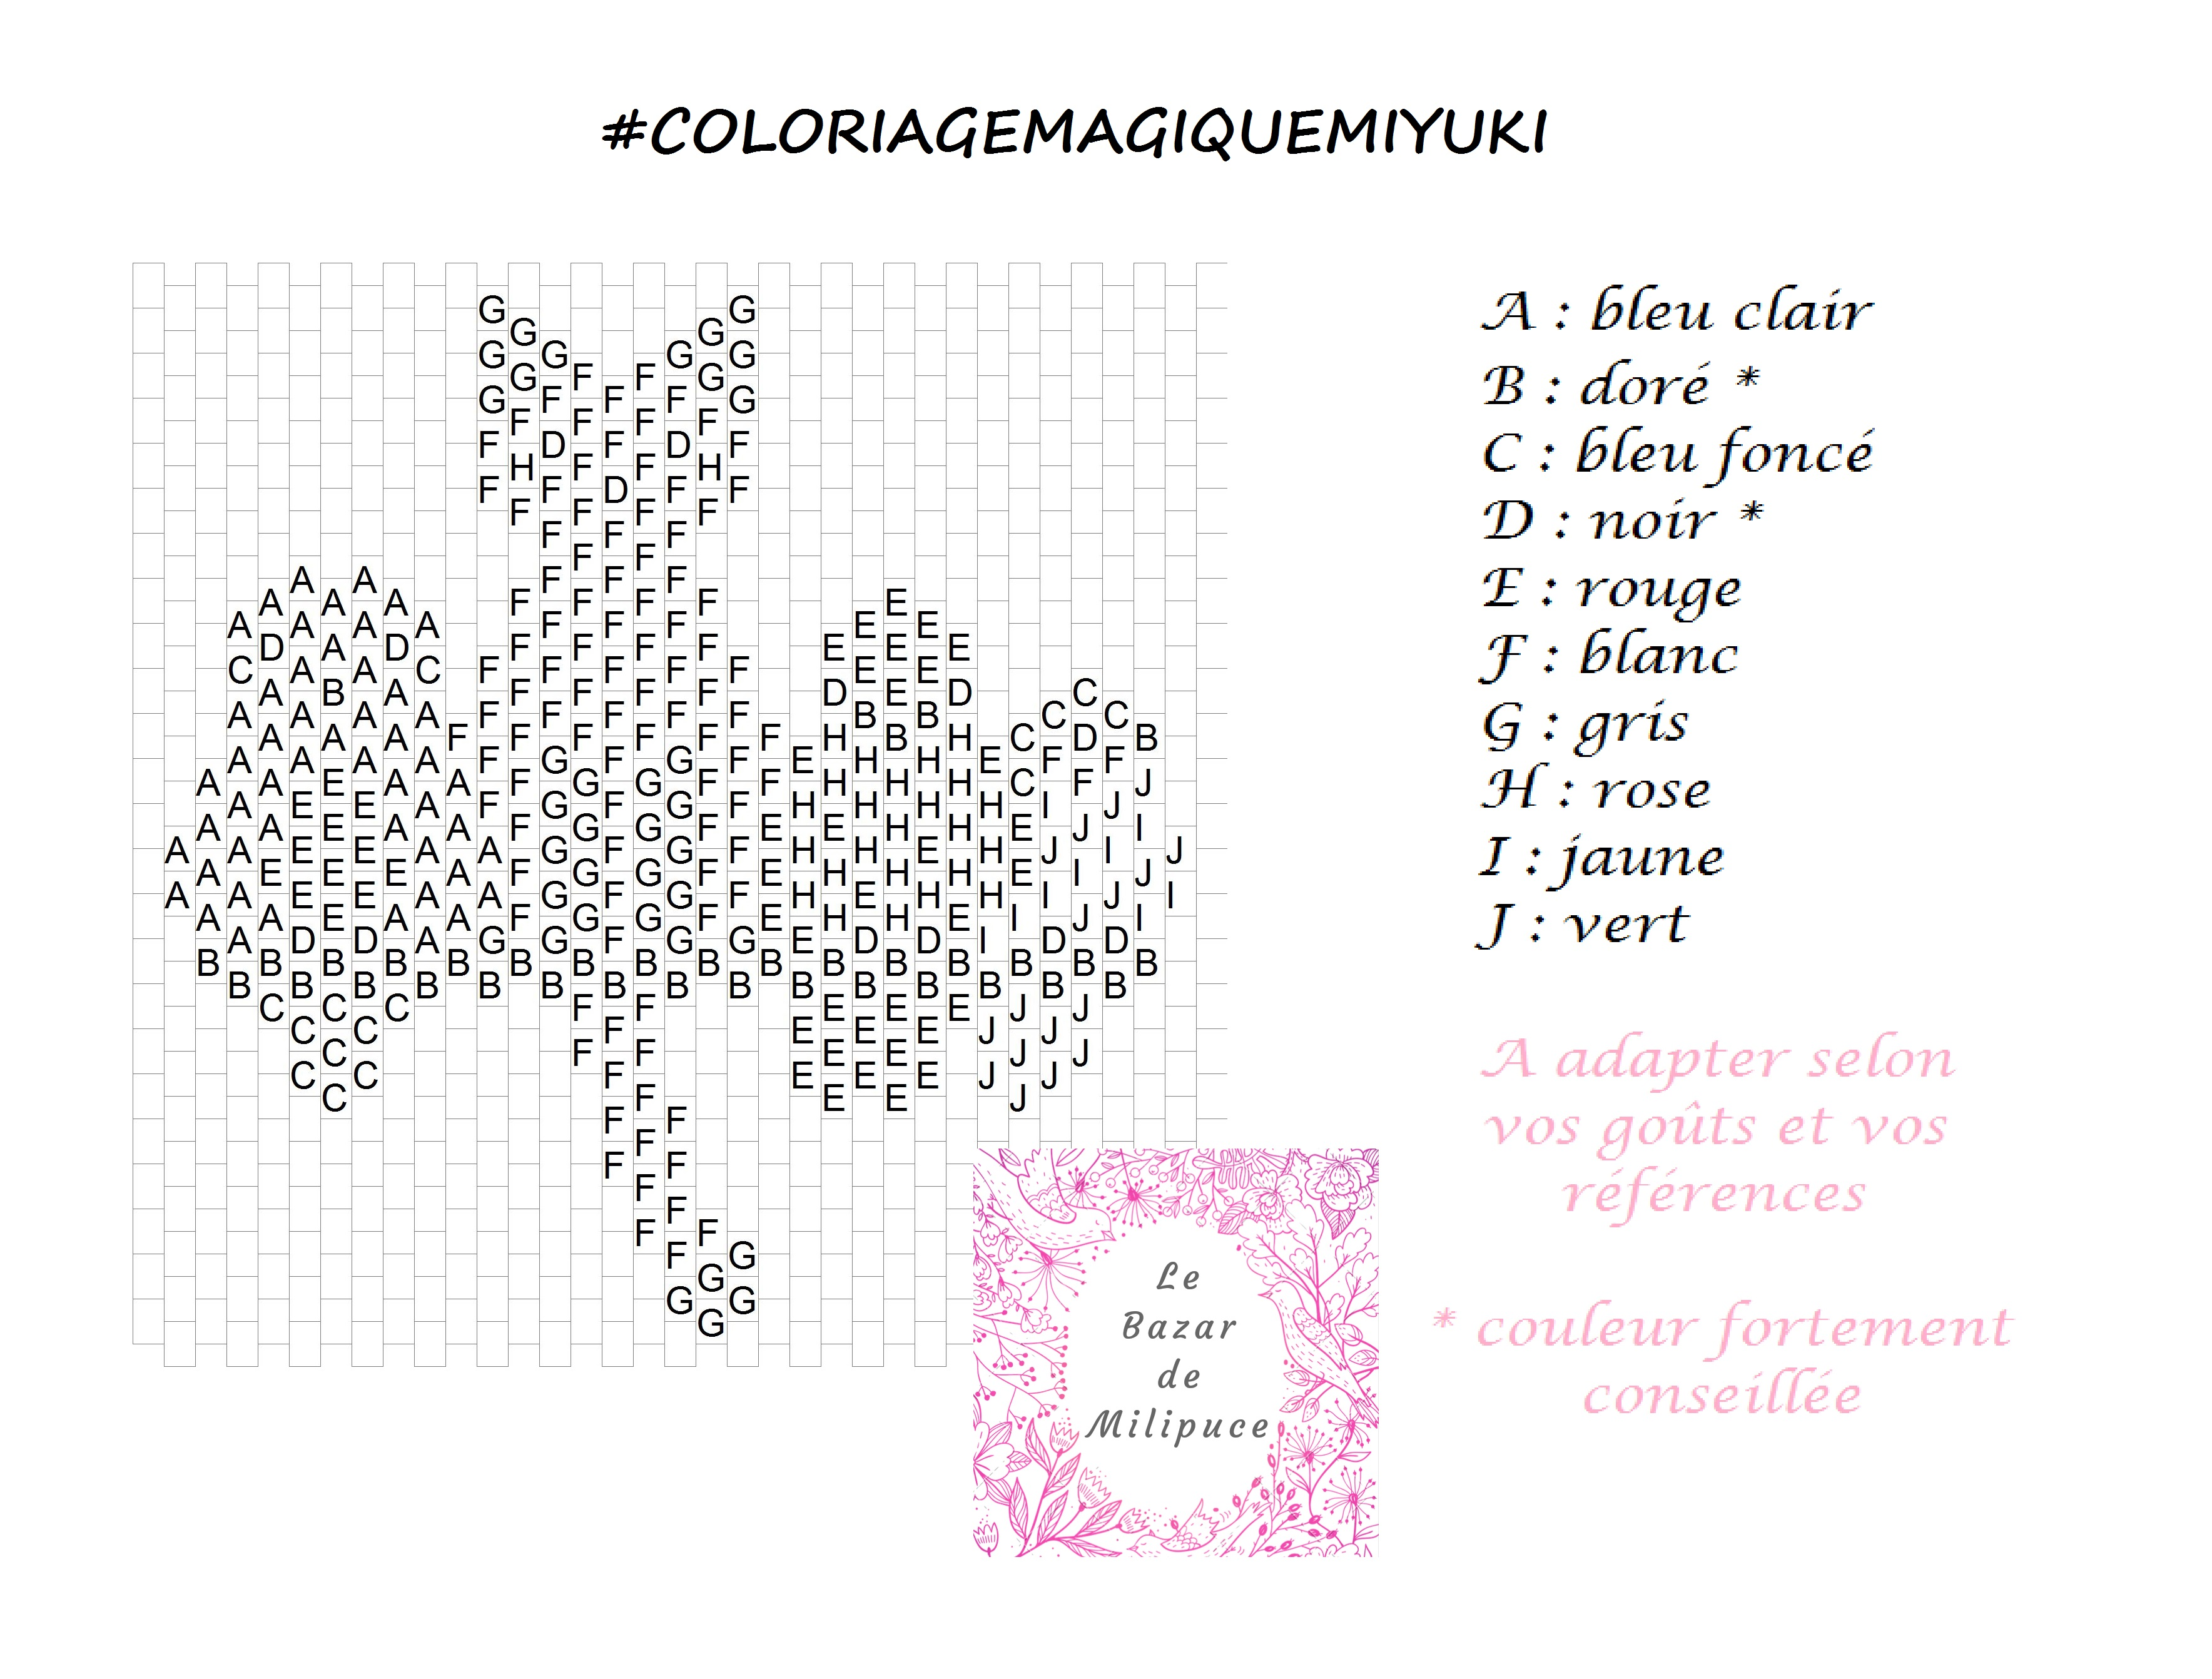 le bazar de milipuce coloriage magique